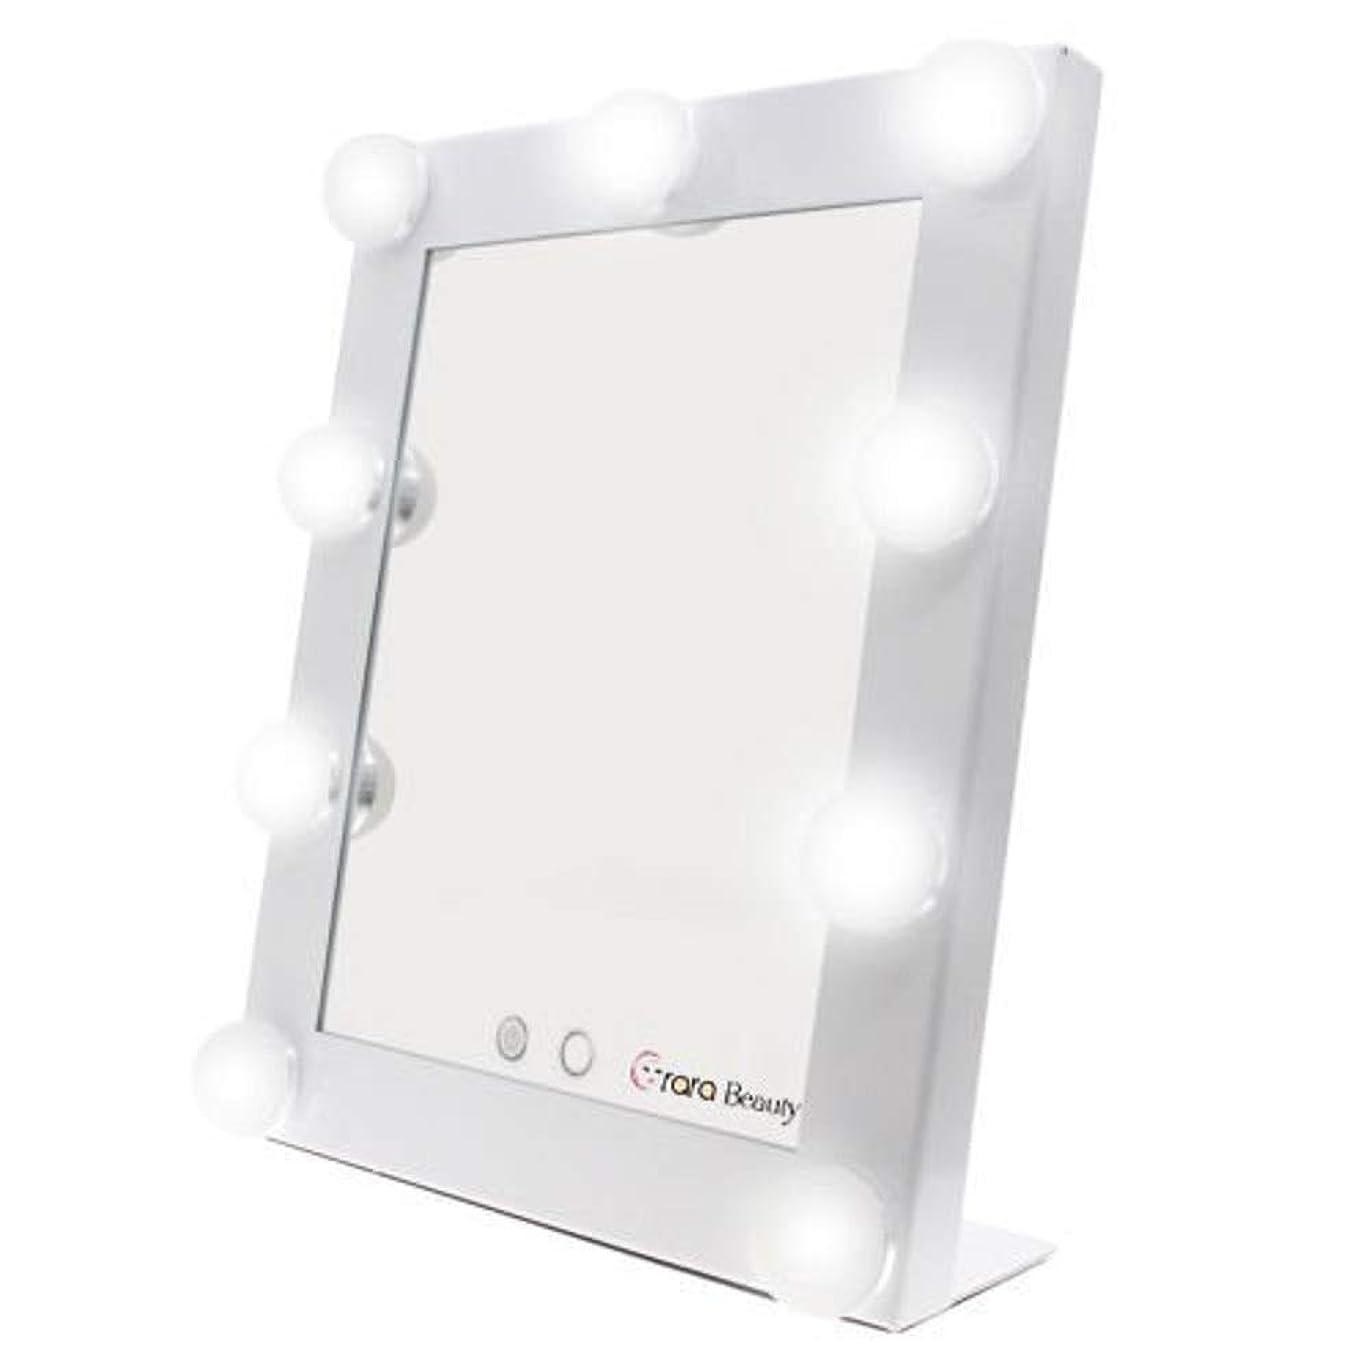 エレベーター寸前維持lily's JP home 化粧鏡 女優ミラー 化粧ミラー メイクアップミラー LEDライト付き ハリウッド式 9*3WLED電球付き 2way給電タイプ 卓上ミラー (ホワイト)